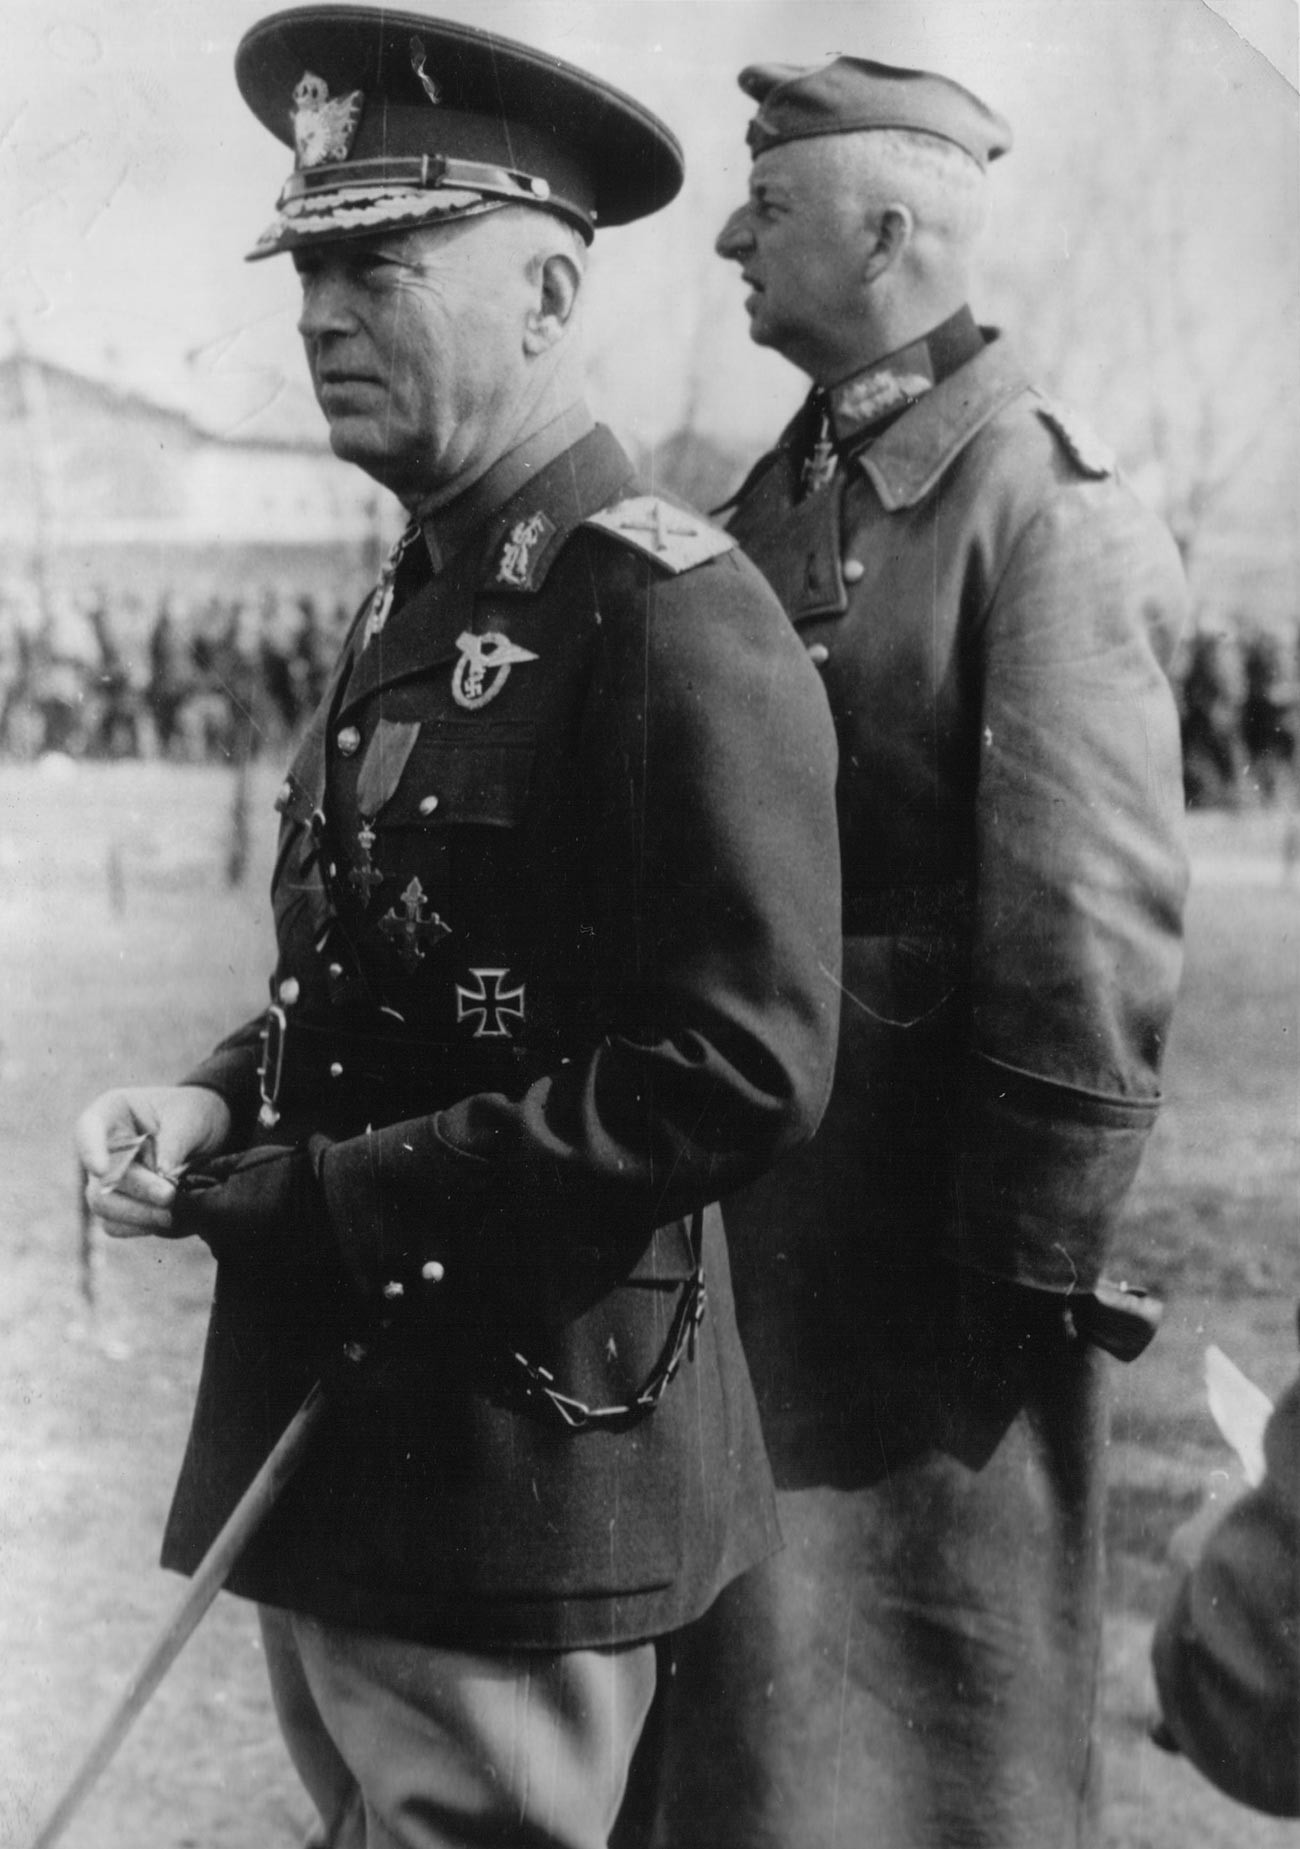 Маршал Антонеску и генерал Е. фон Манщайн проверяват румънските части в Крим. Май 1942 г.